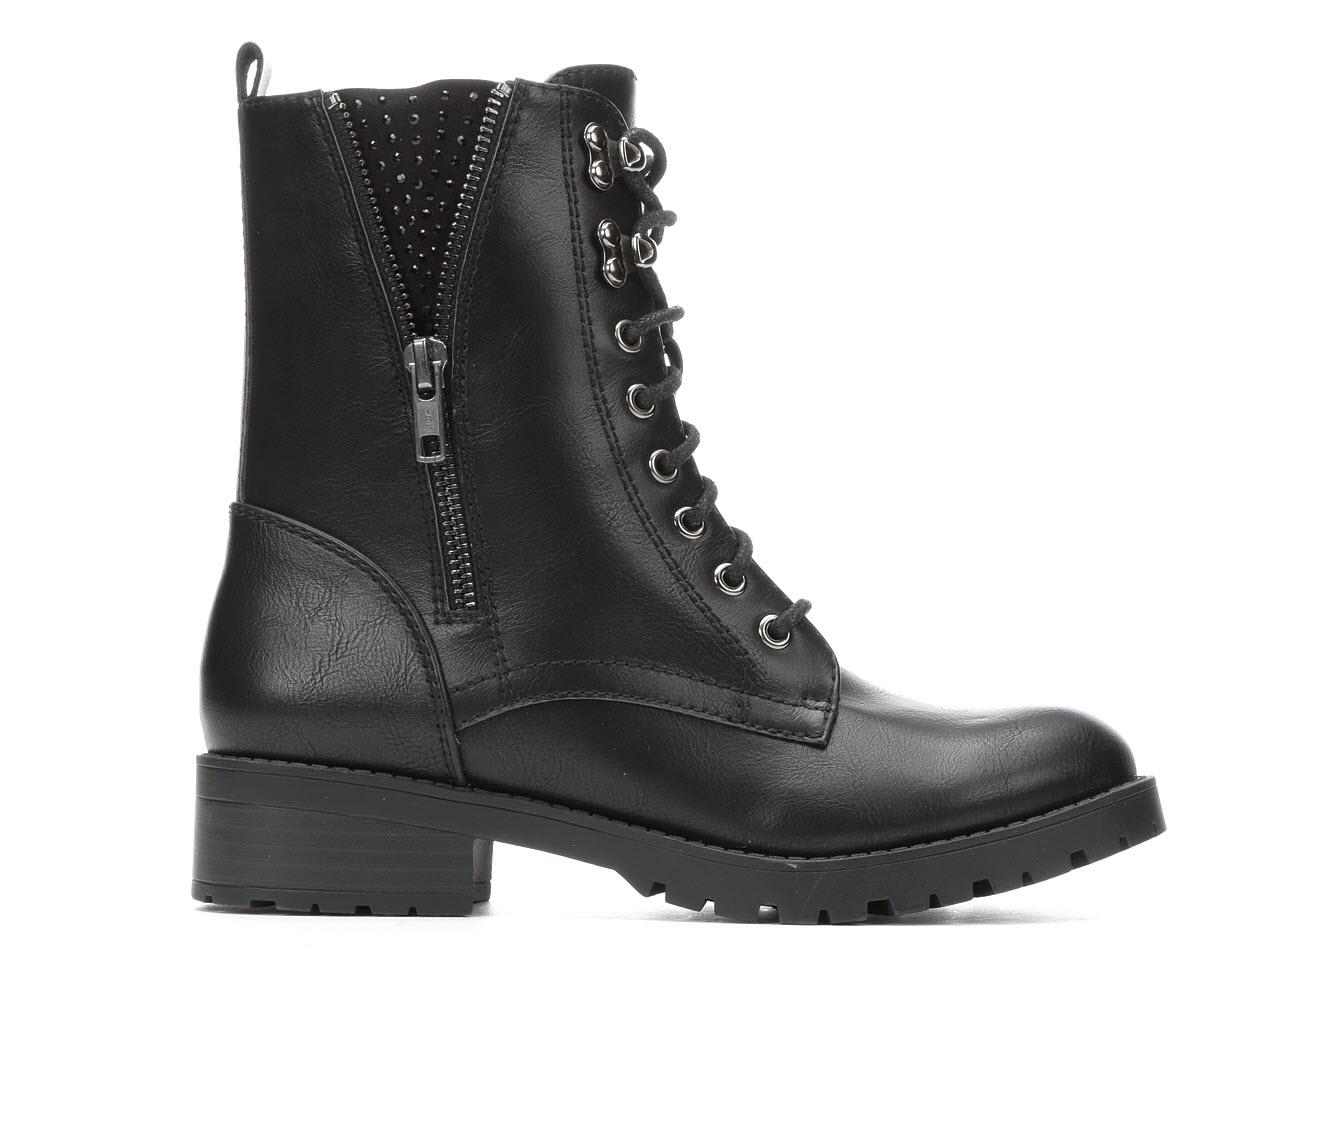 Unr8ed Kit Women's Boots (Black - Faux Leather)